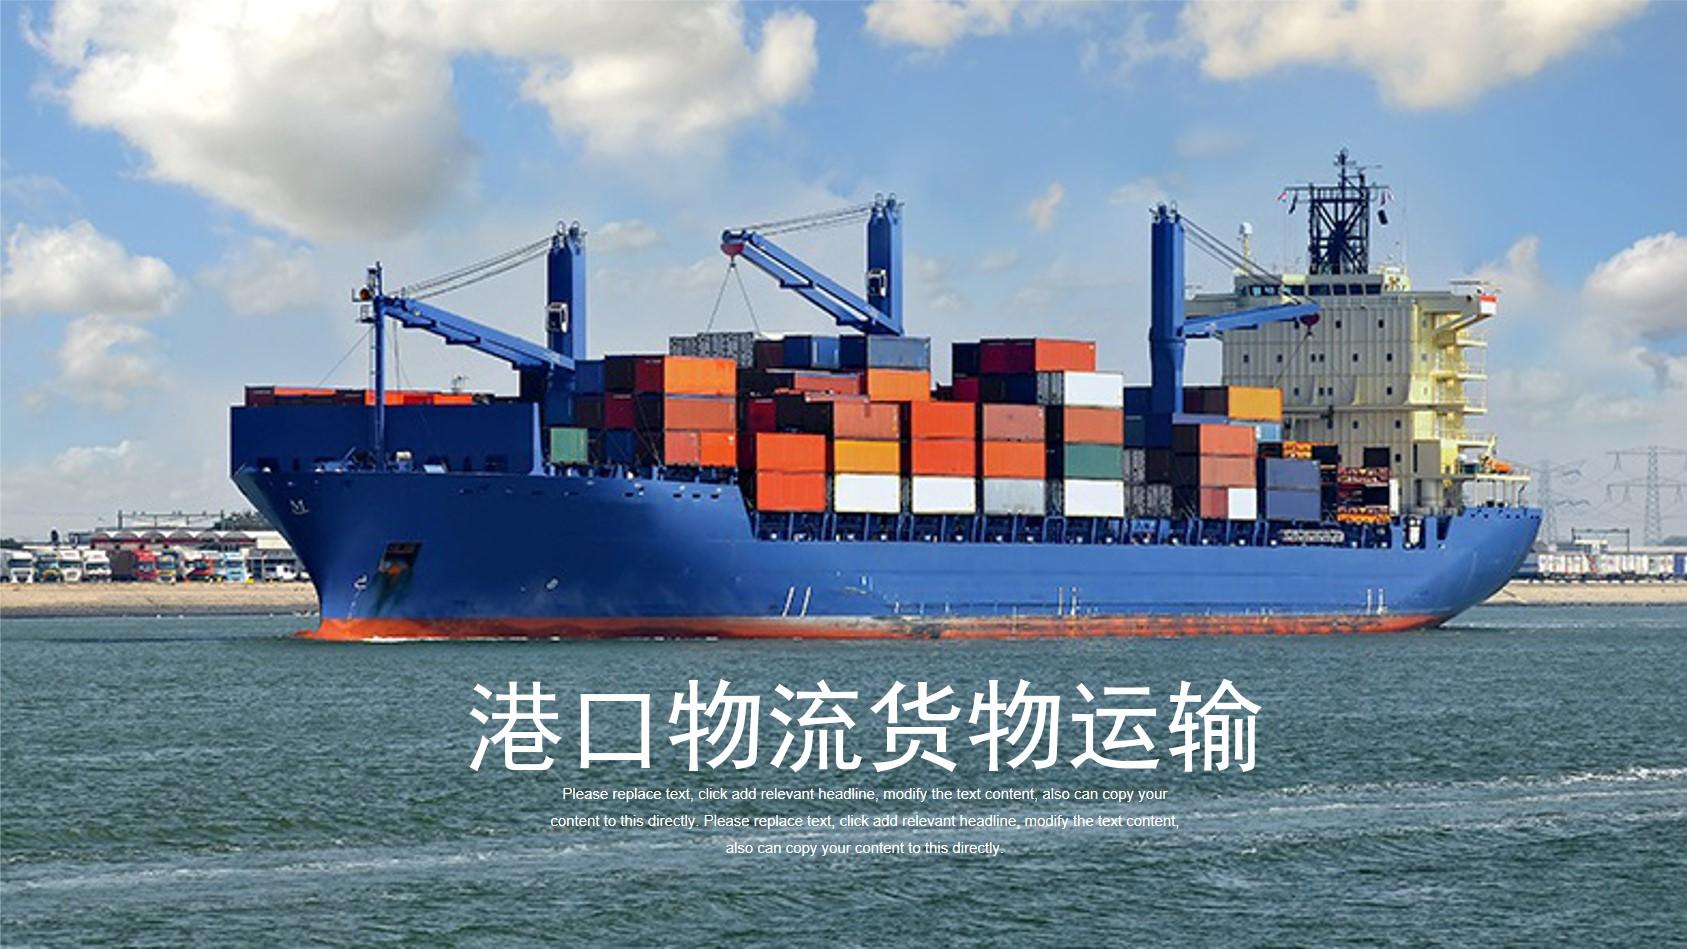 货轮集装箱背景的港口物流PPT模板